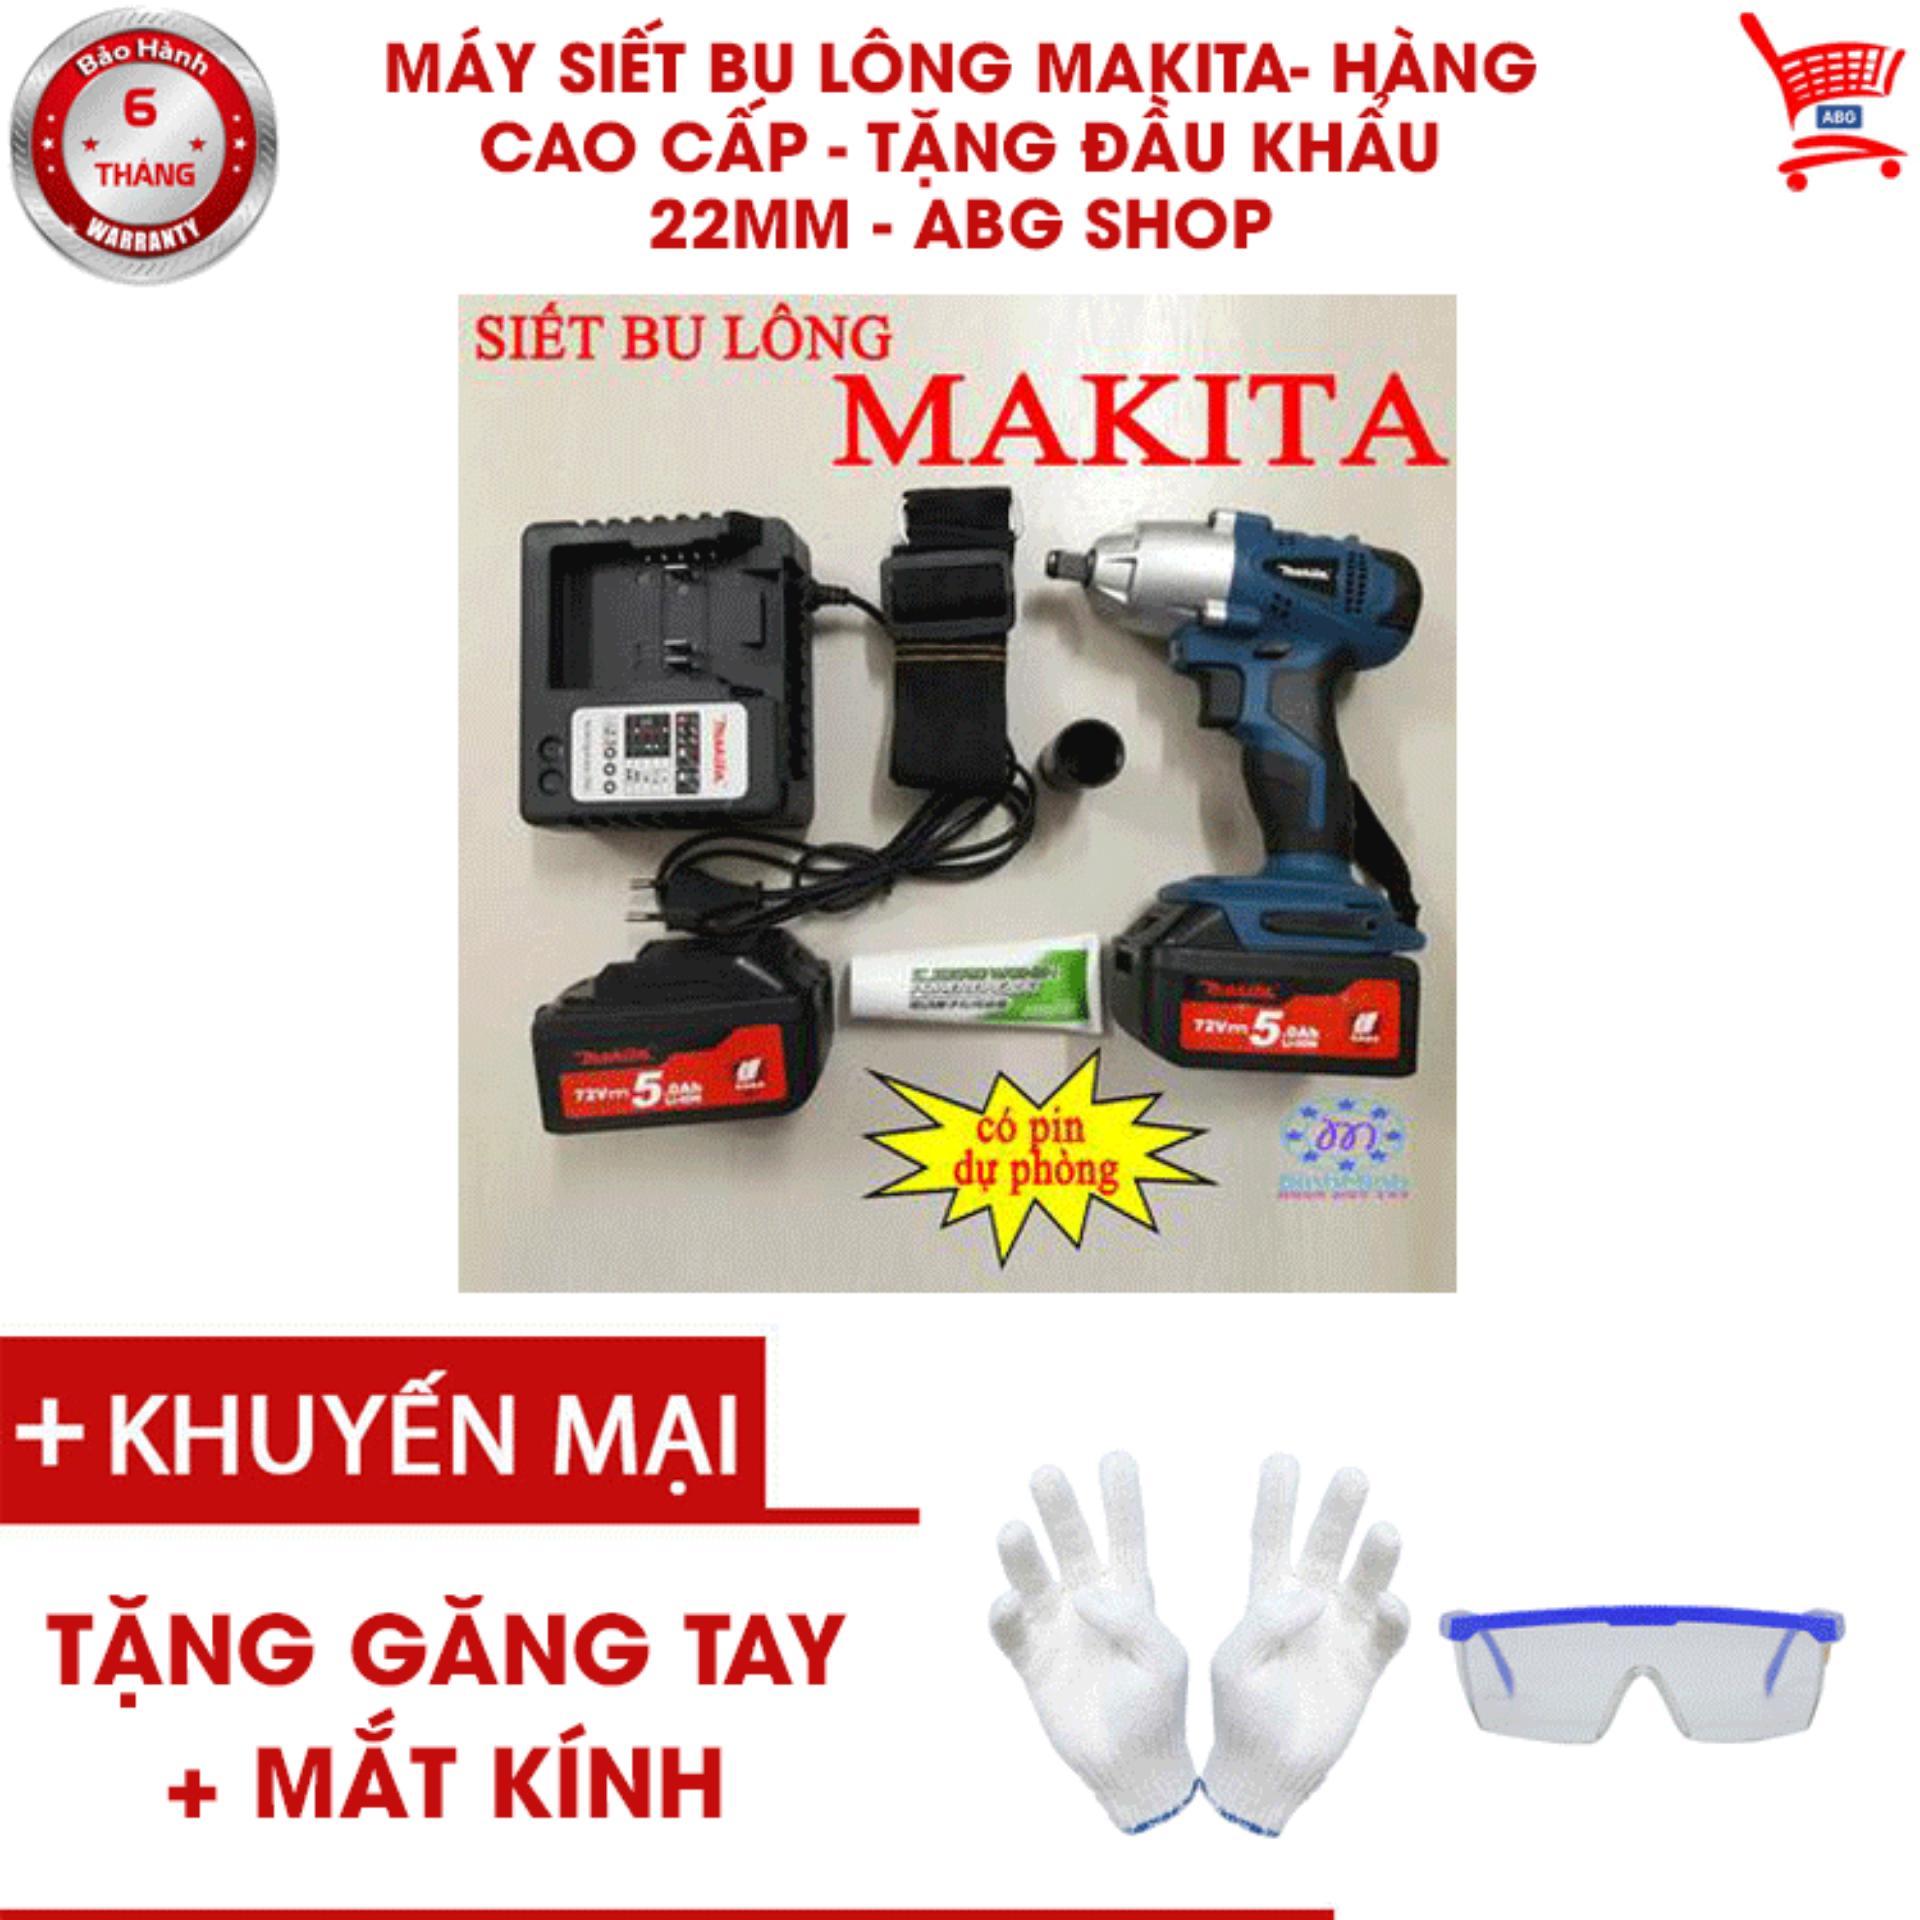 Máy siết bu lông Makita- Hàng Cao Cấp - Tặng đầu khẩu 22mm - ABG shop